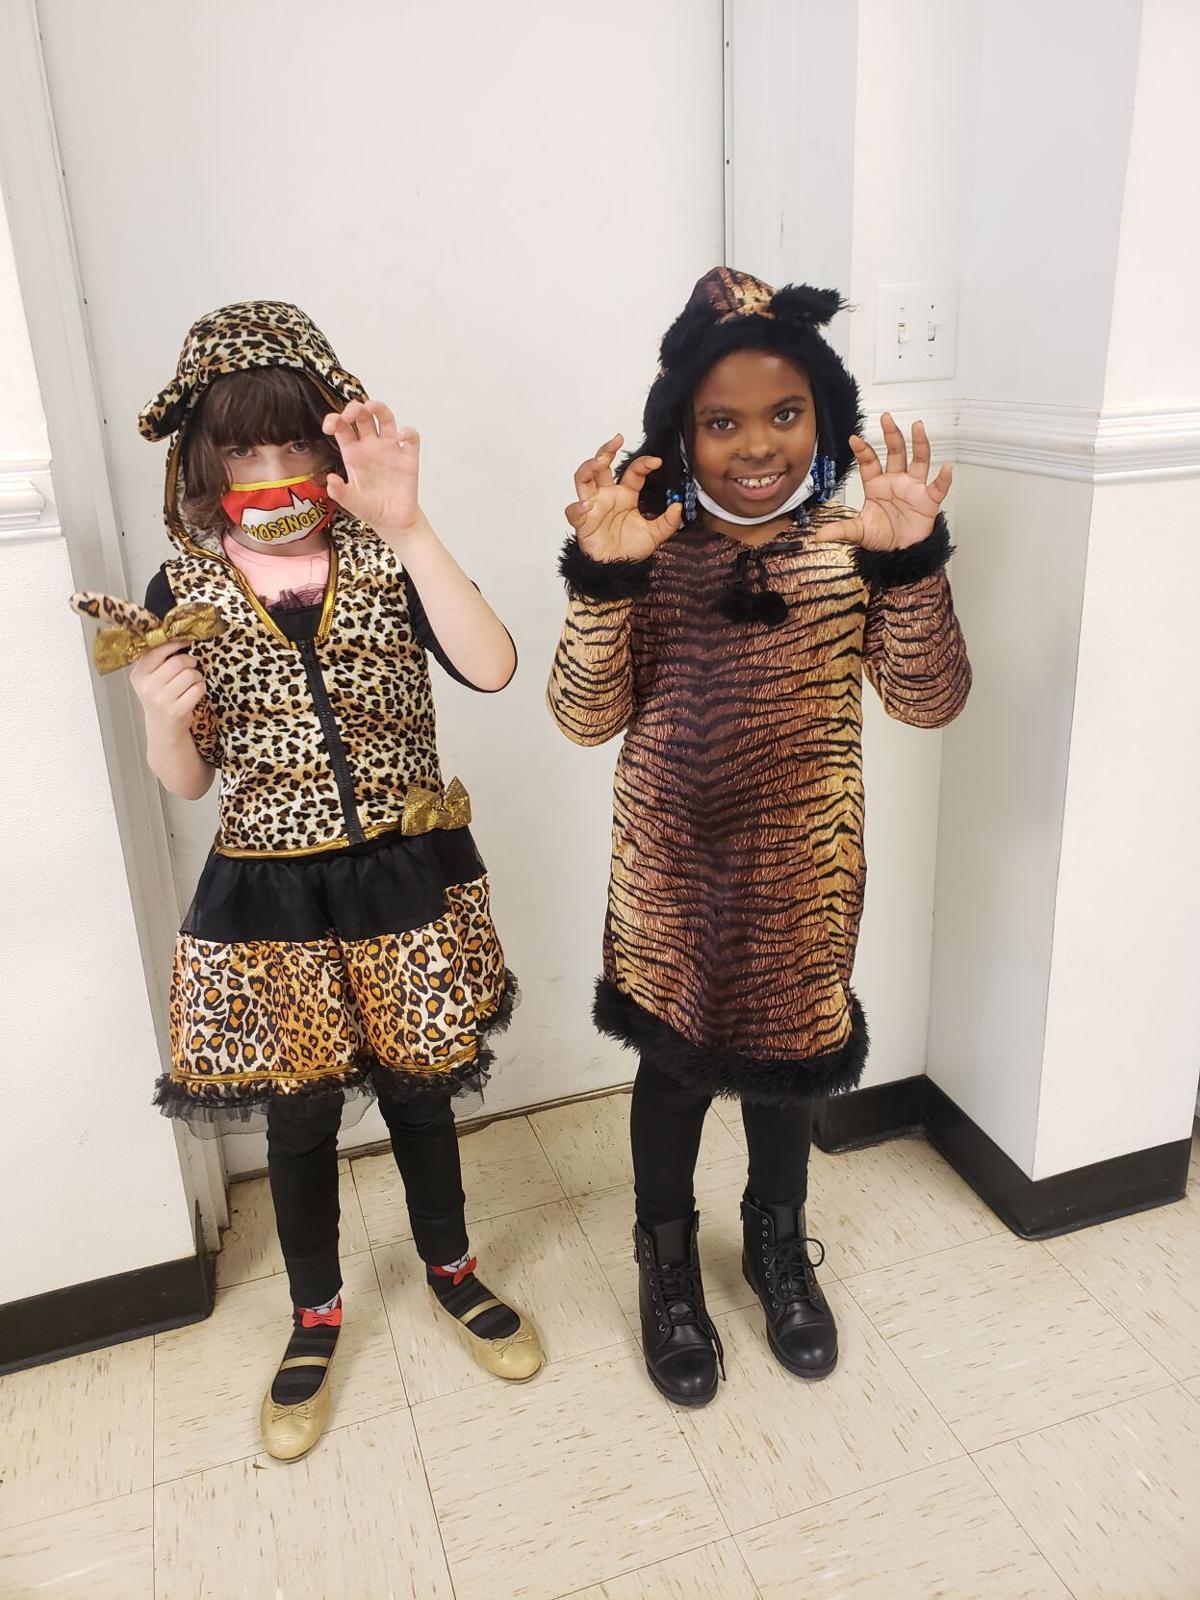 Abigail Cook and Maziah Betts looking fierce as cheetahs.